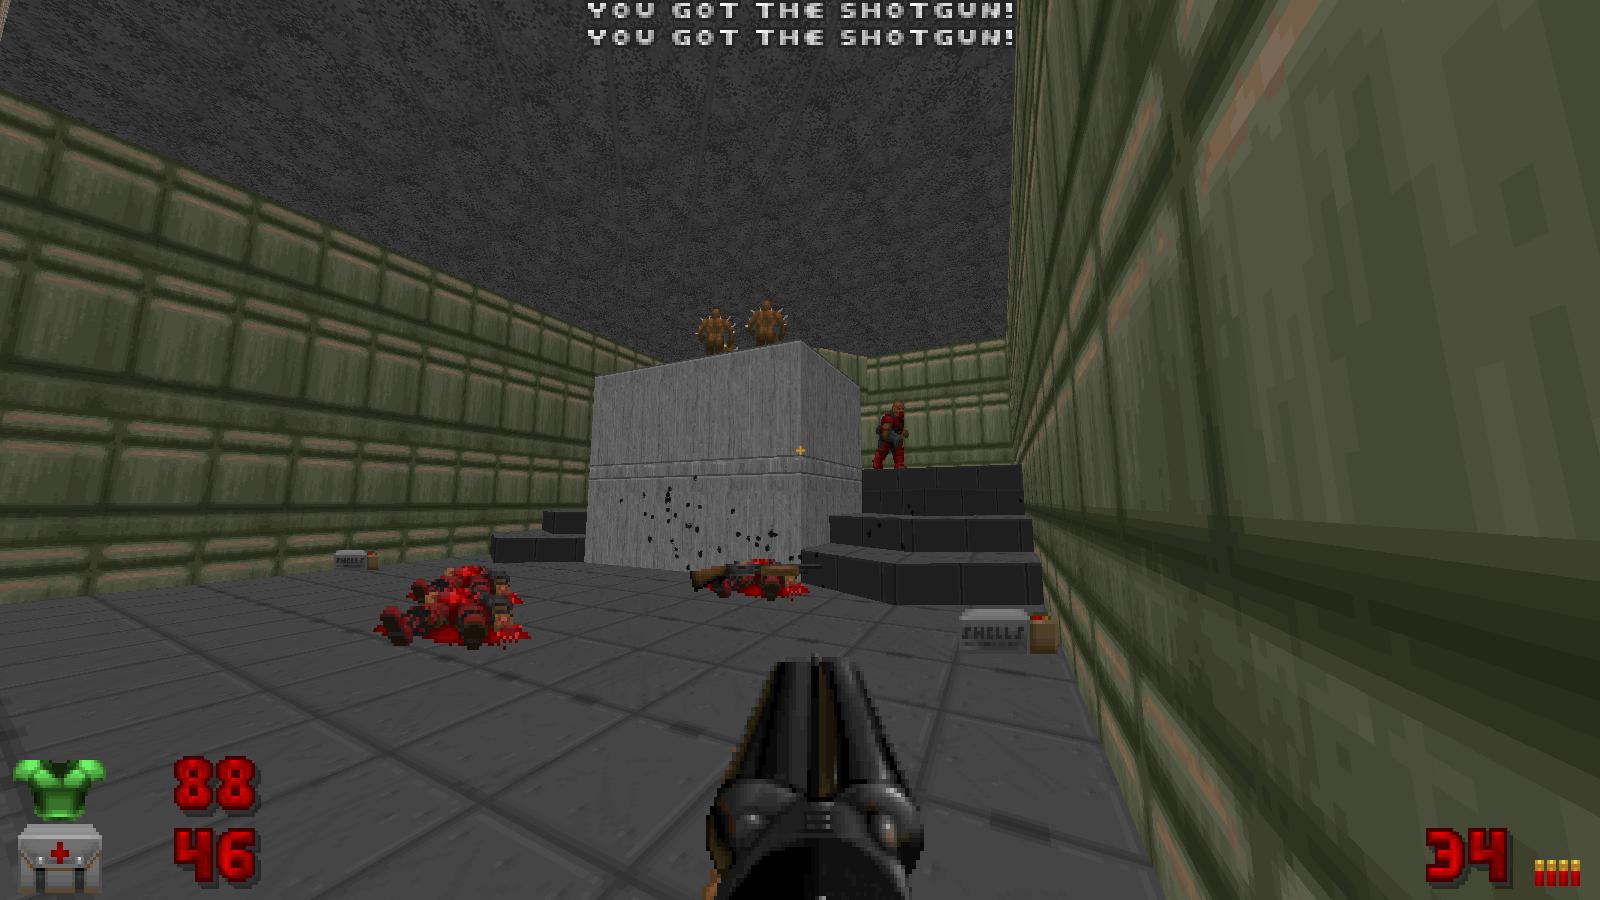 Screenshot_Doom_20190908_174836.png.bfaf02bfbd32314d3c78d18aa7f4df42.png